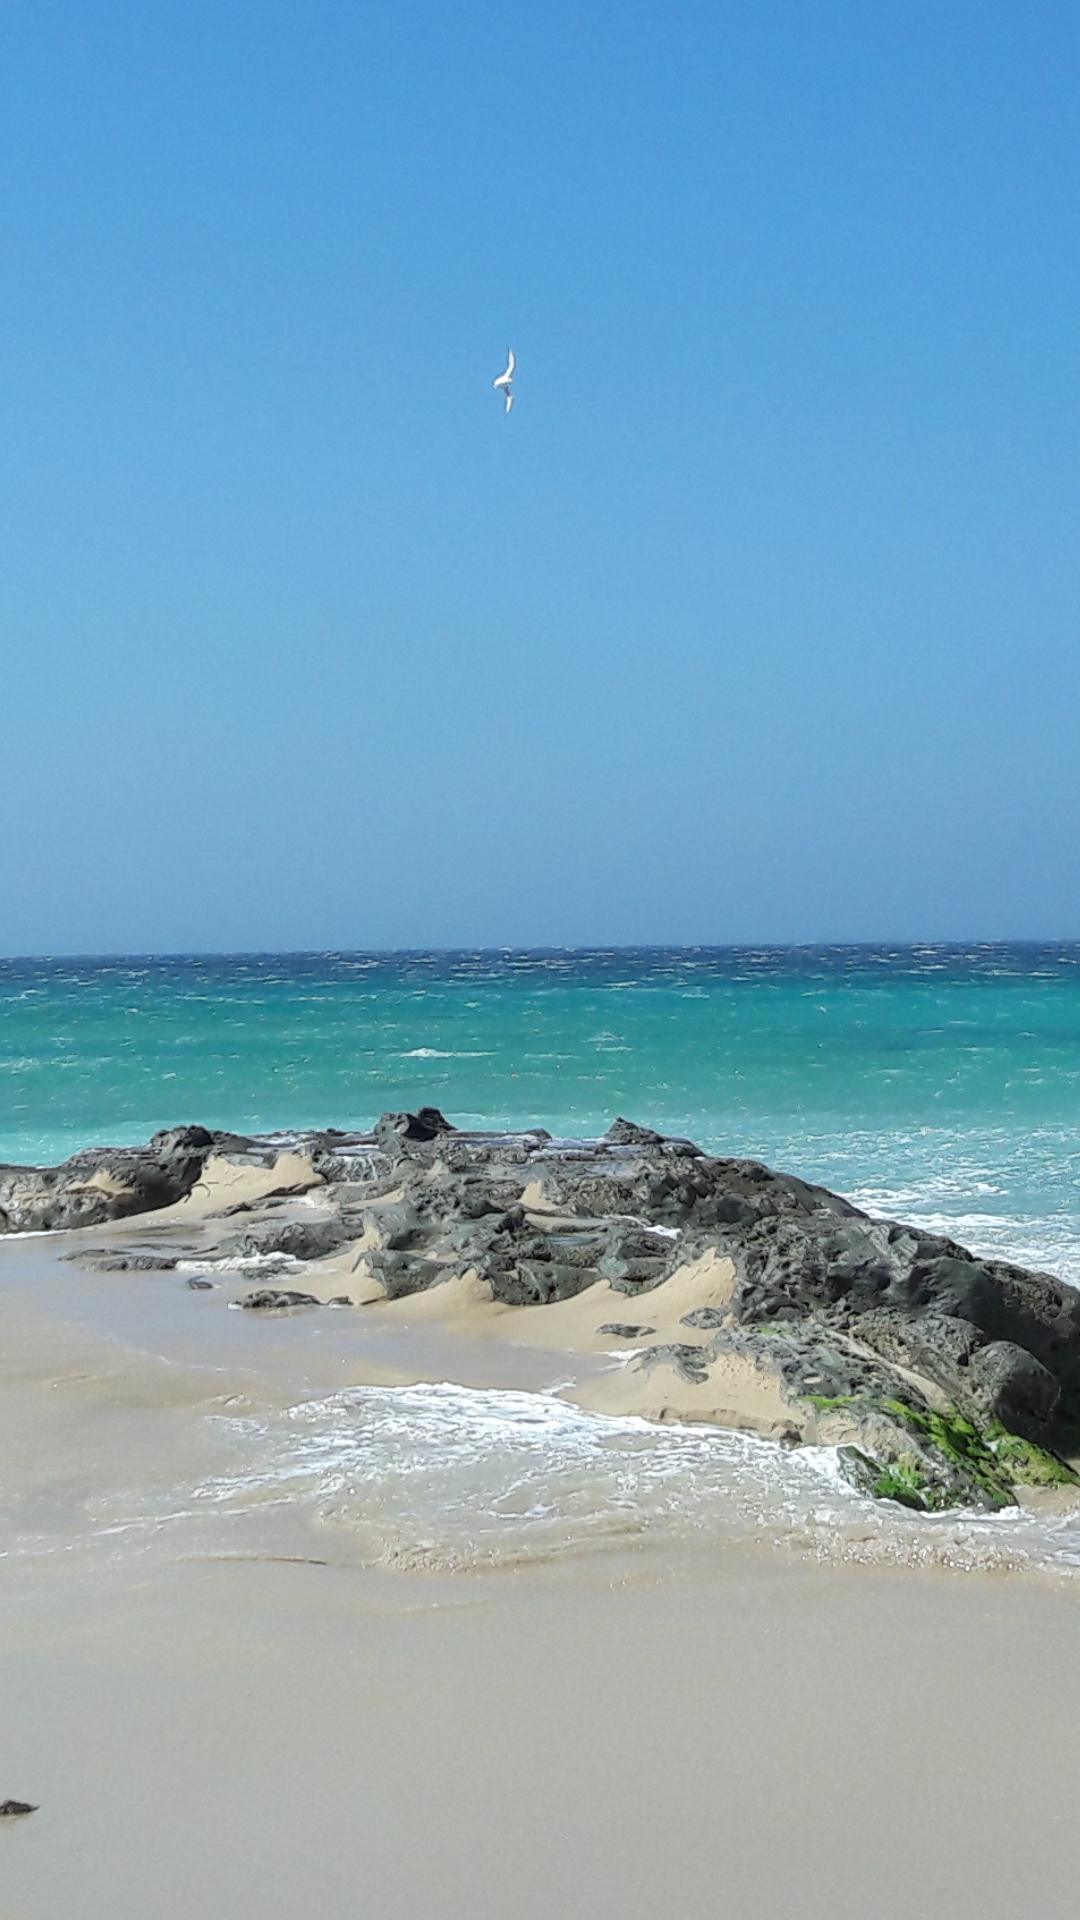 File:Cielo mar y tierra.png.